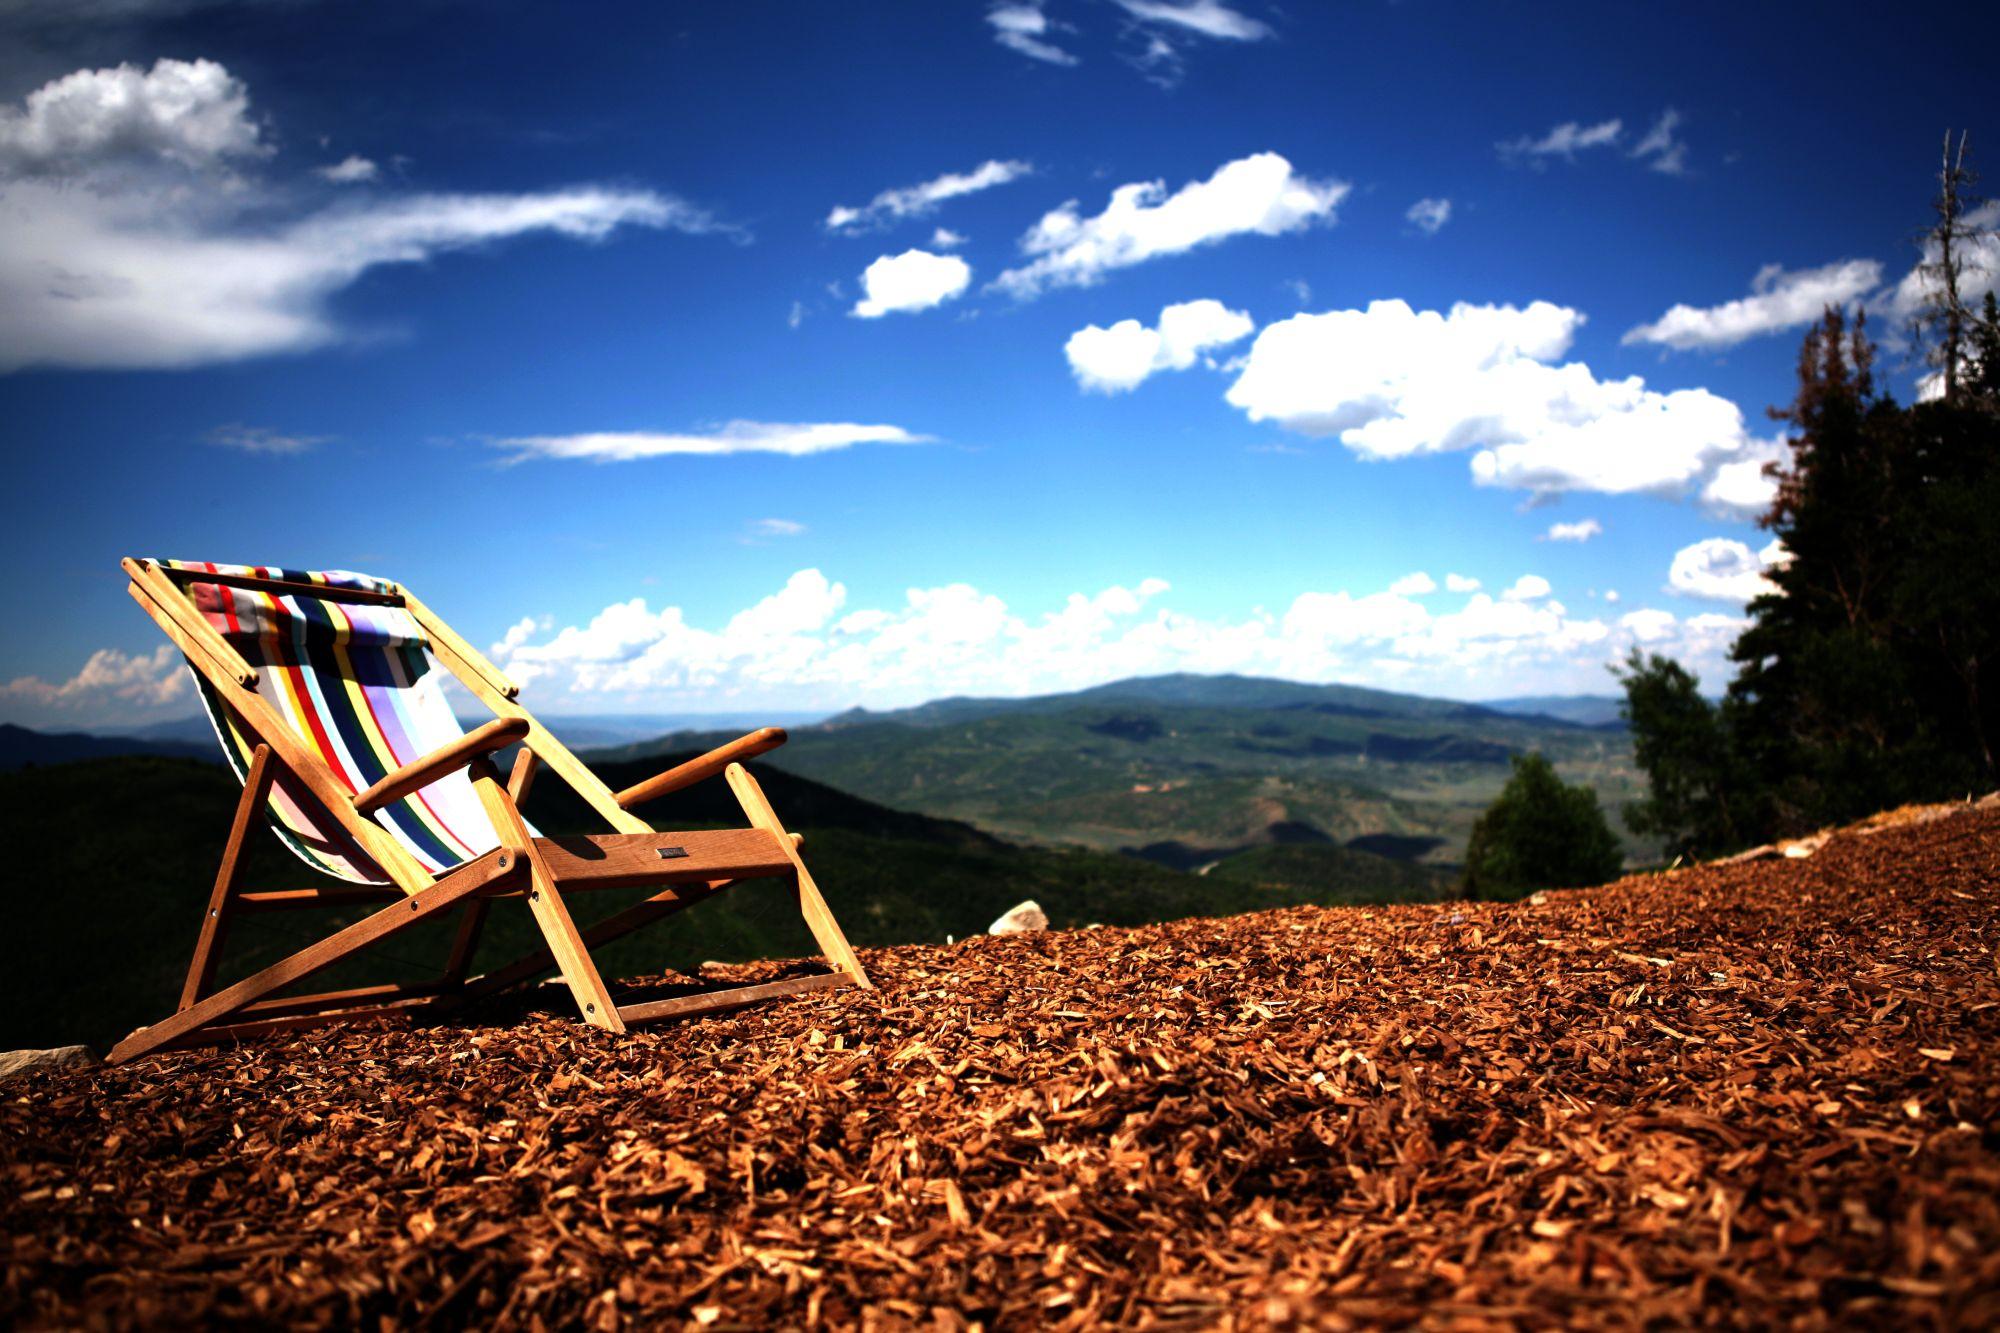 Luie stoel boven op de berg in de zon